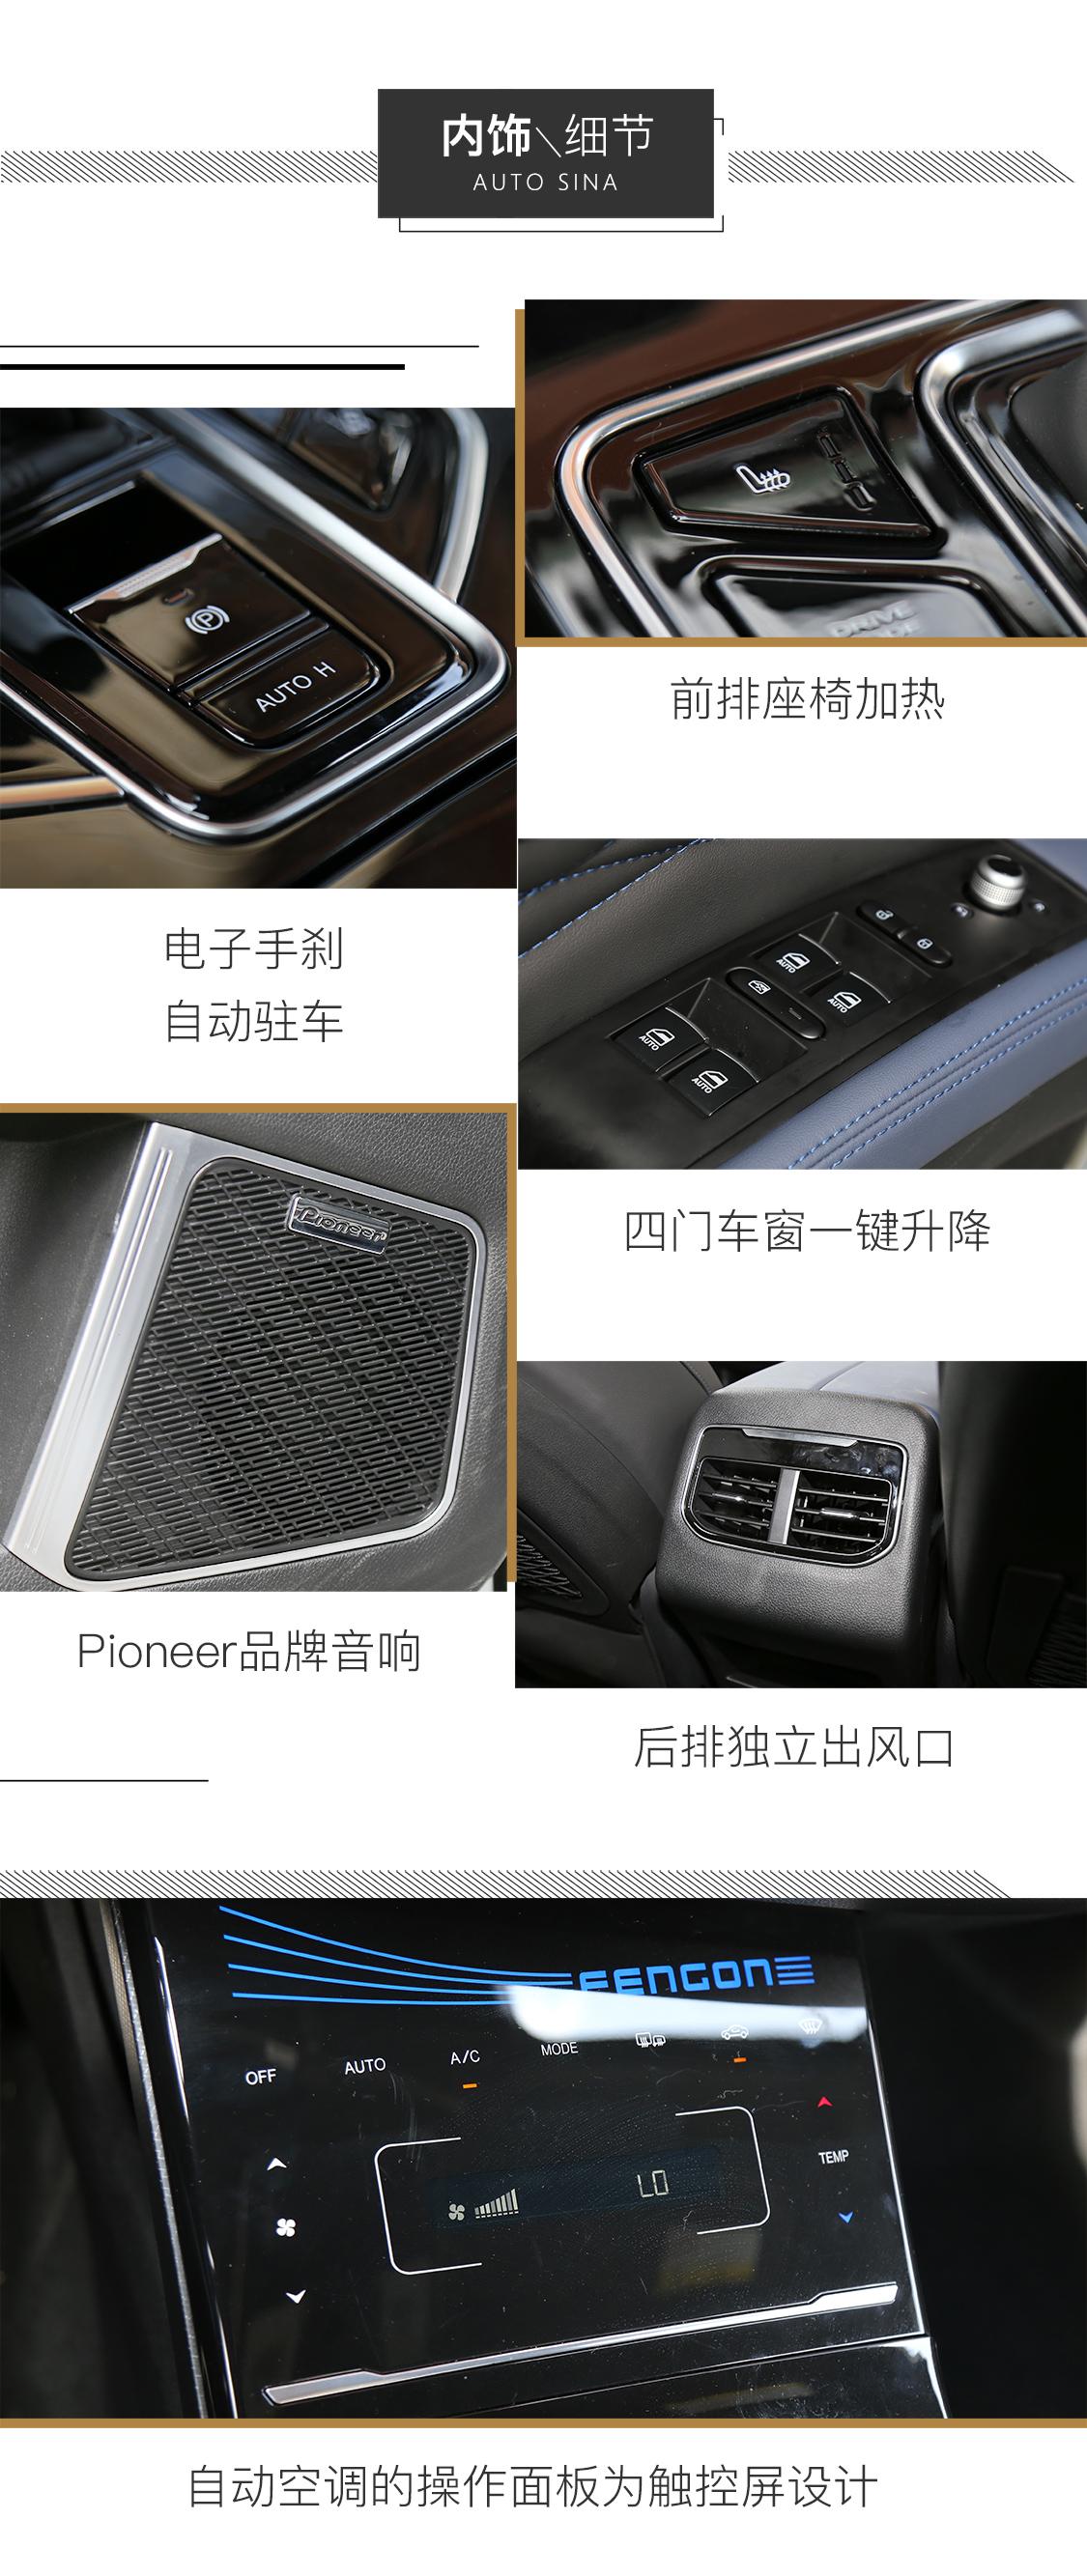 颜值至上的轿跑型SUV 试驾东风风光ix5